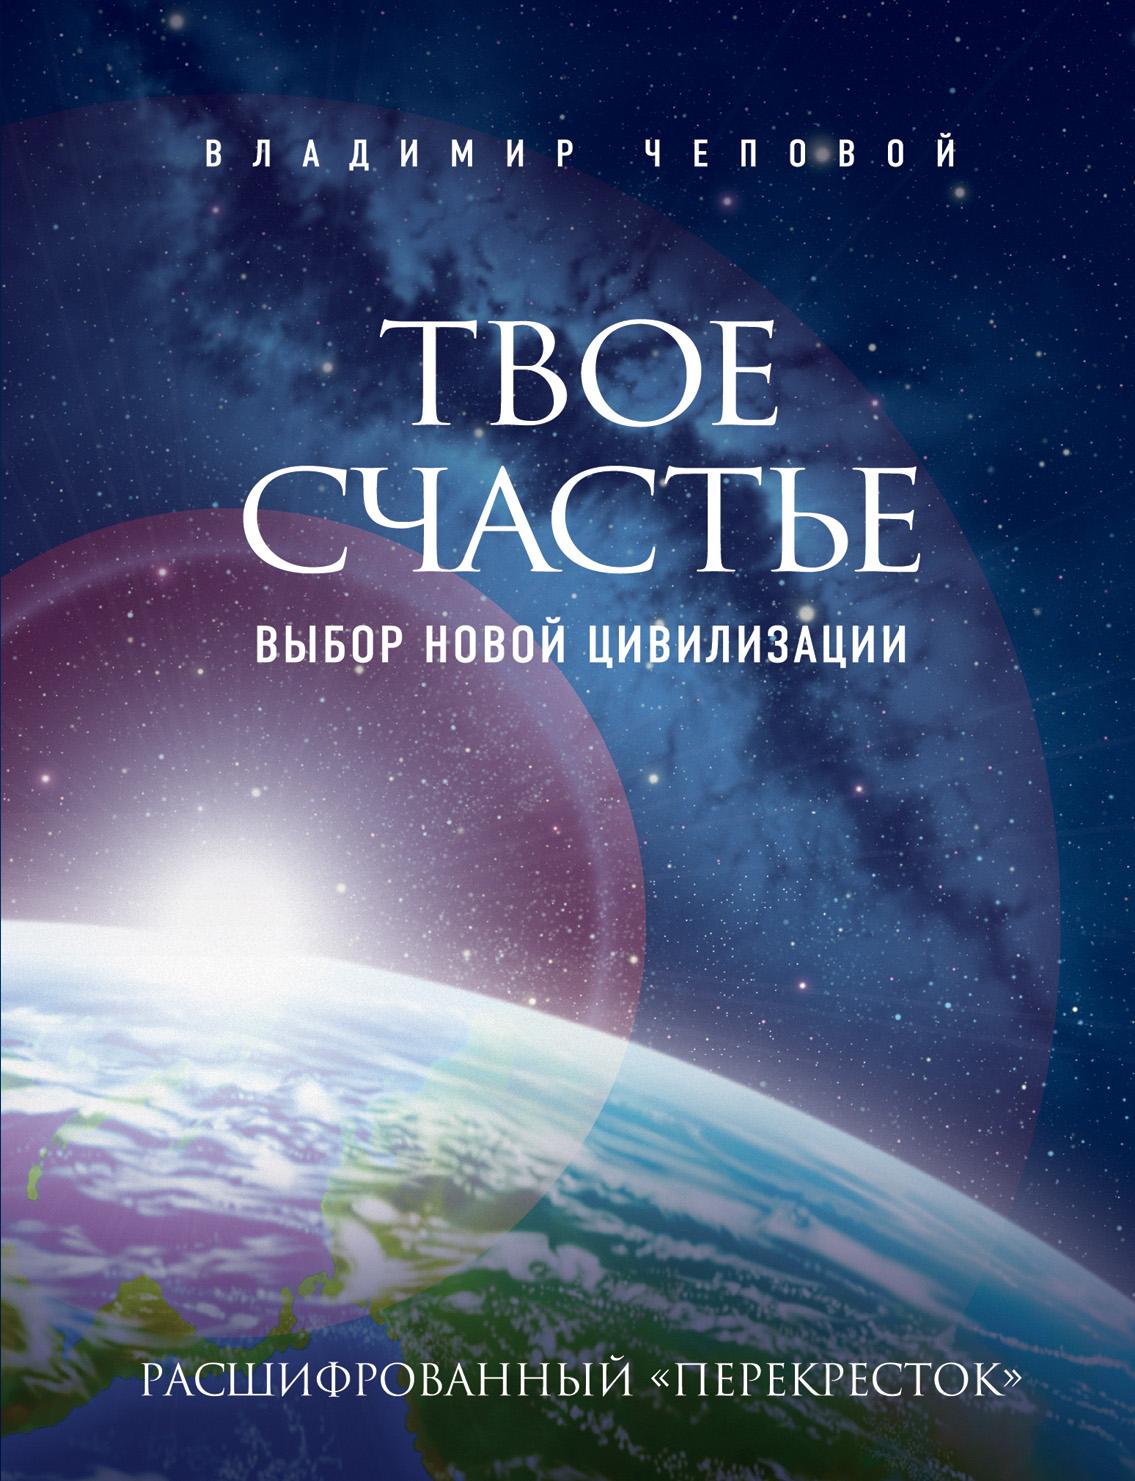 Владимир Чеповой Твое счастье - выбор новой цивилизации робин шарма великая книга успеха и счастья от монаха который продал свой феррари сборник